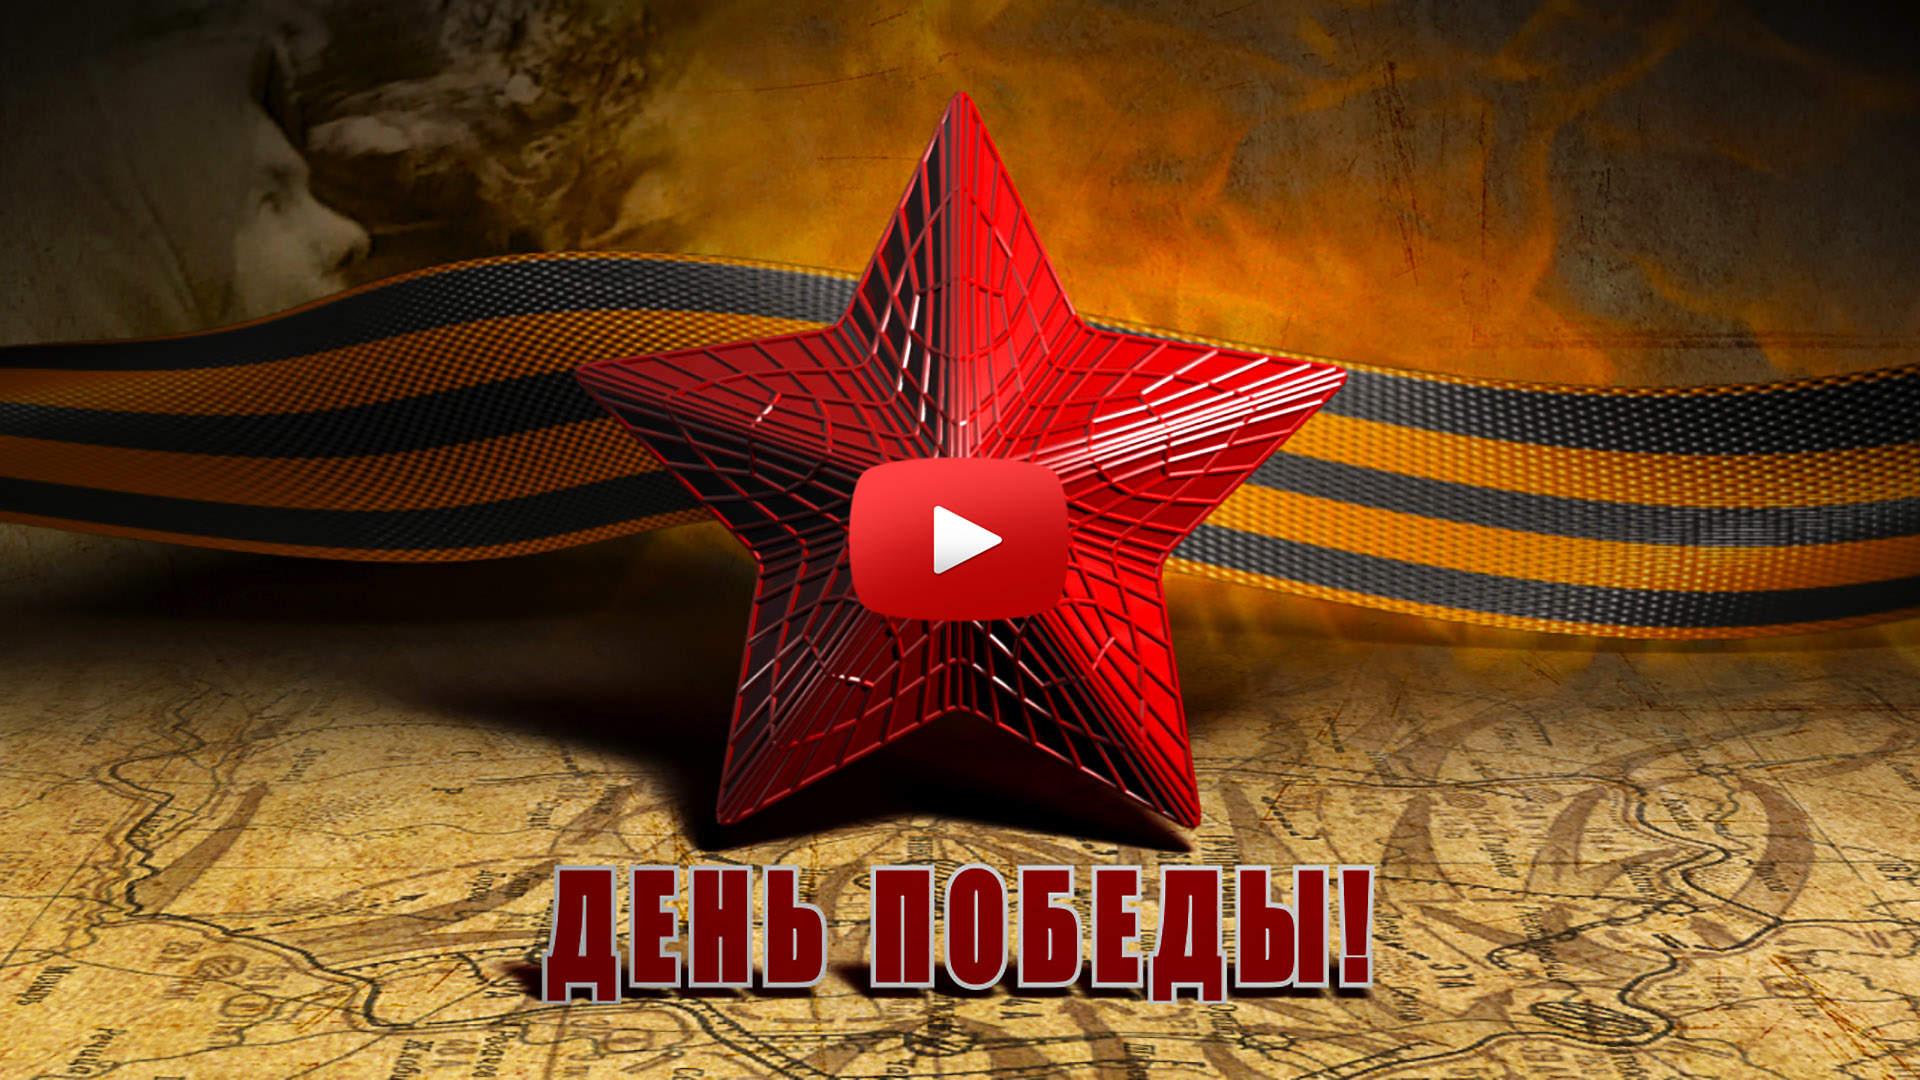 ФОТОКЛИП - Наша победа!